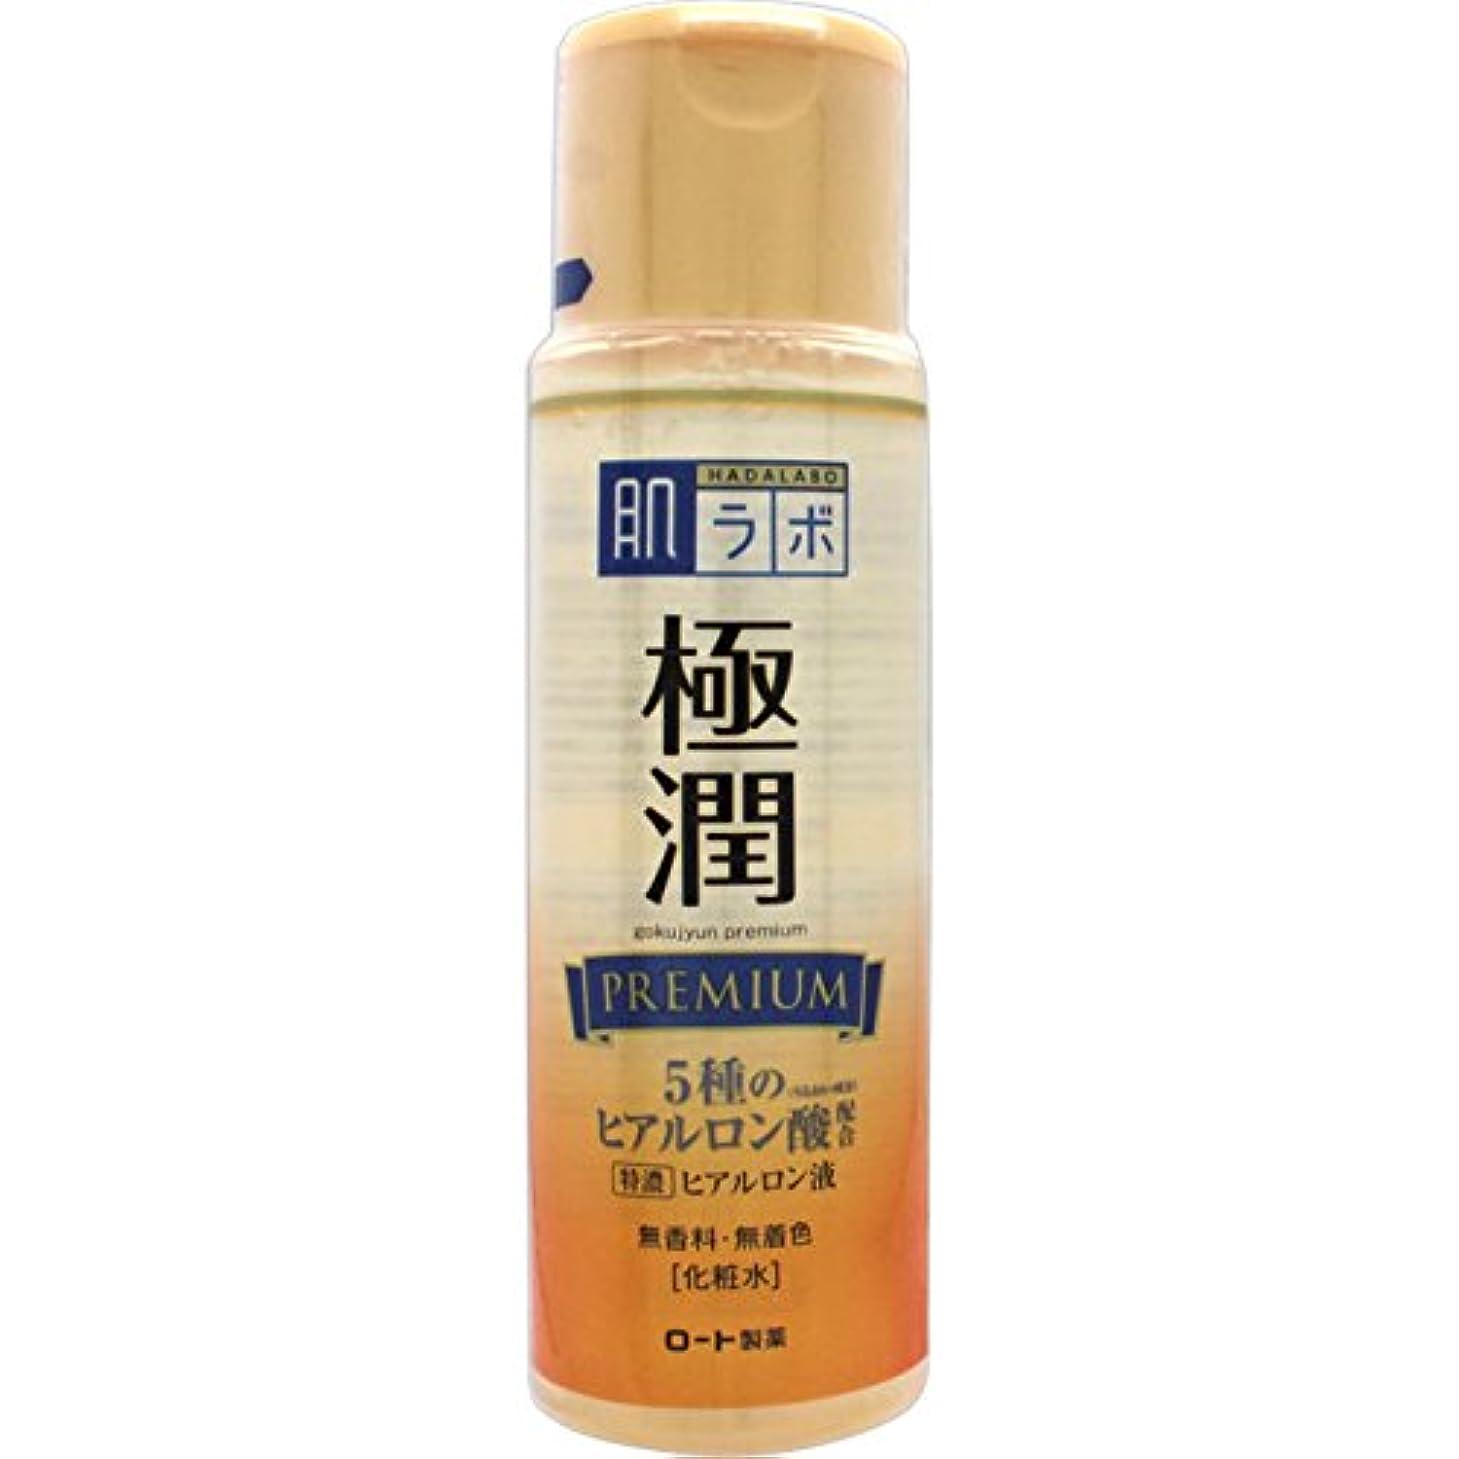 宮殿終わりアンカー肌ラボ 極潤プレミアム 特濃ヒアルロン酸 化粧水 ヒアルロン酸5種類×サクラン配合 170mL